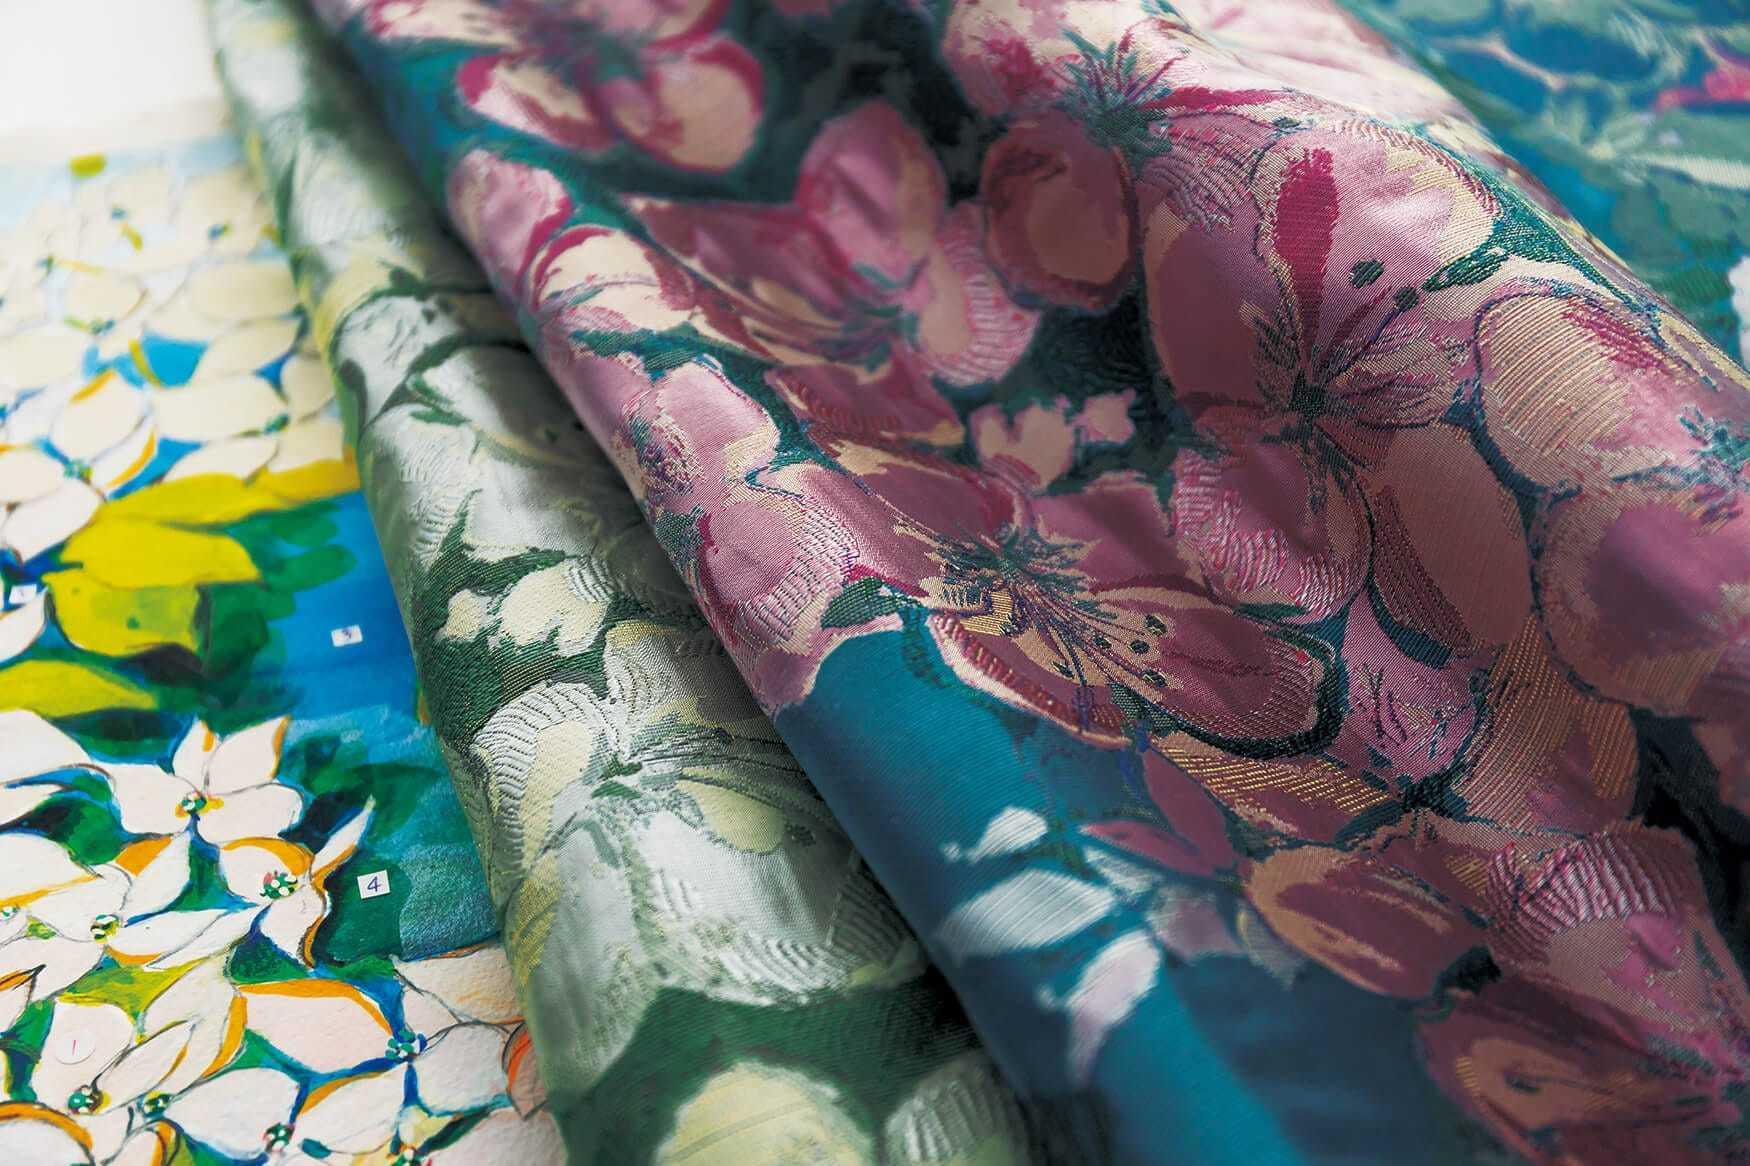 川島織物セルコン 「Sumiko Honda」のご紹介 _e0243413_17045841.jpg